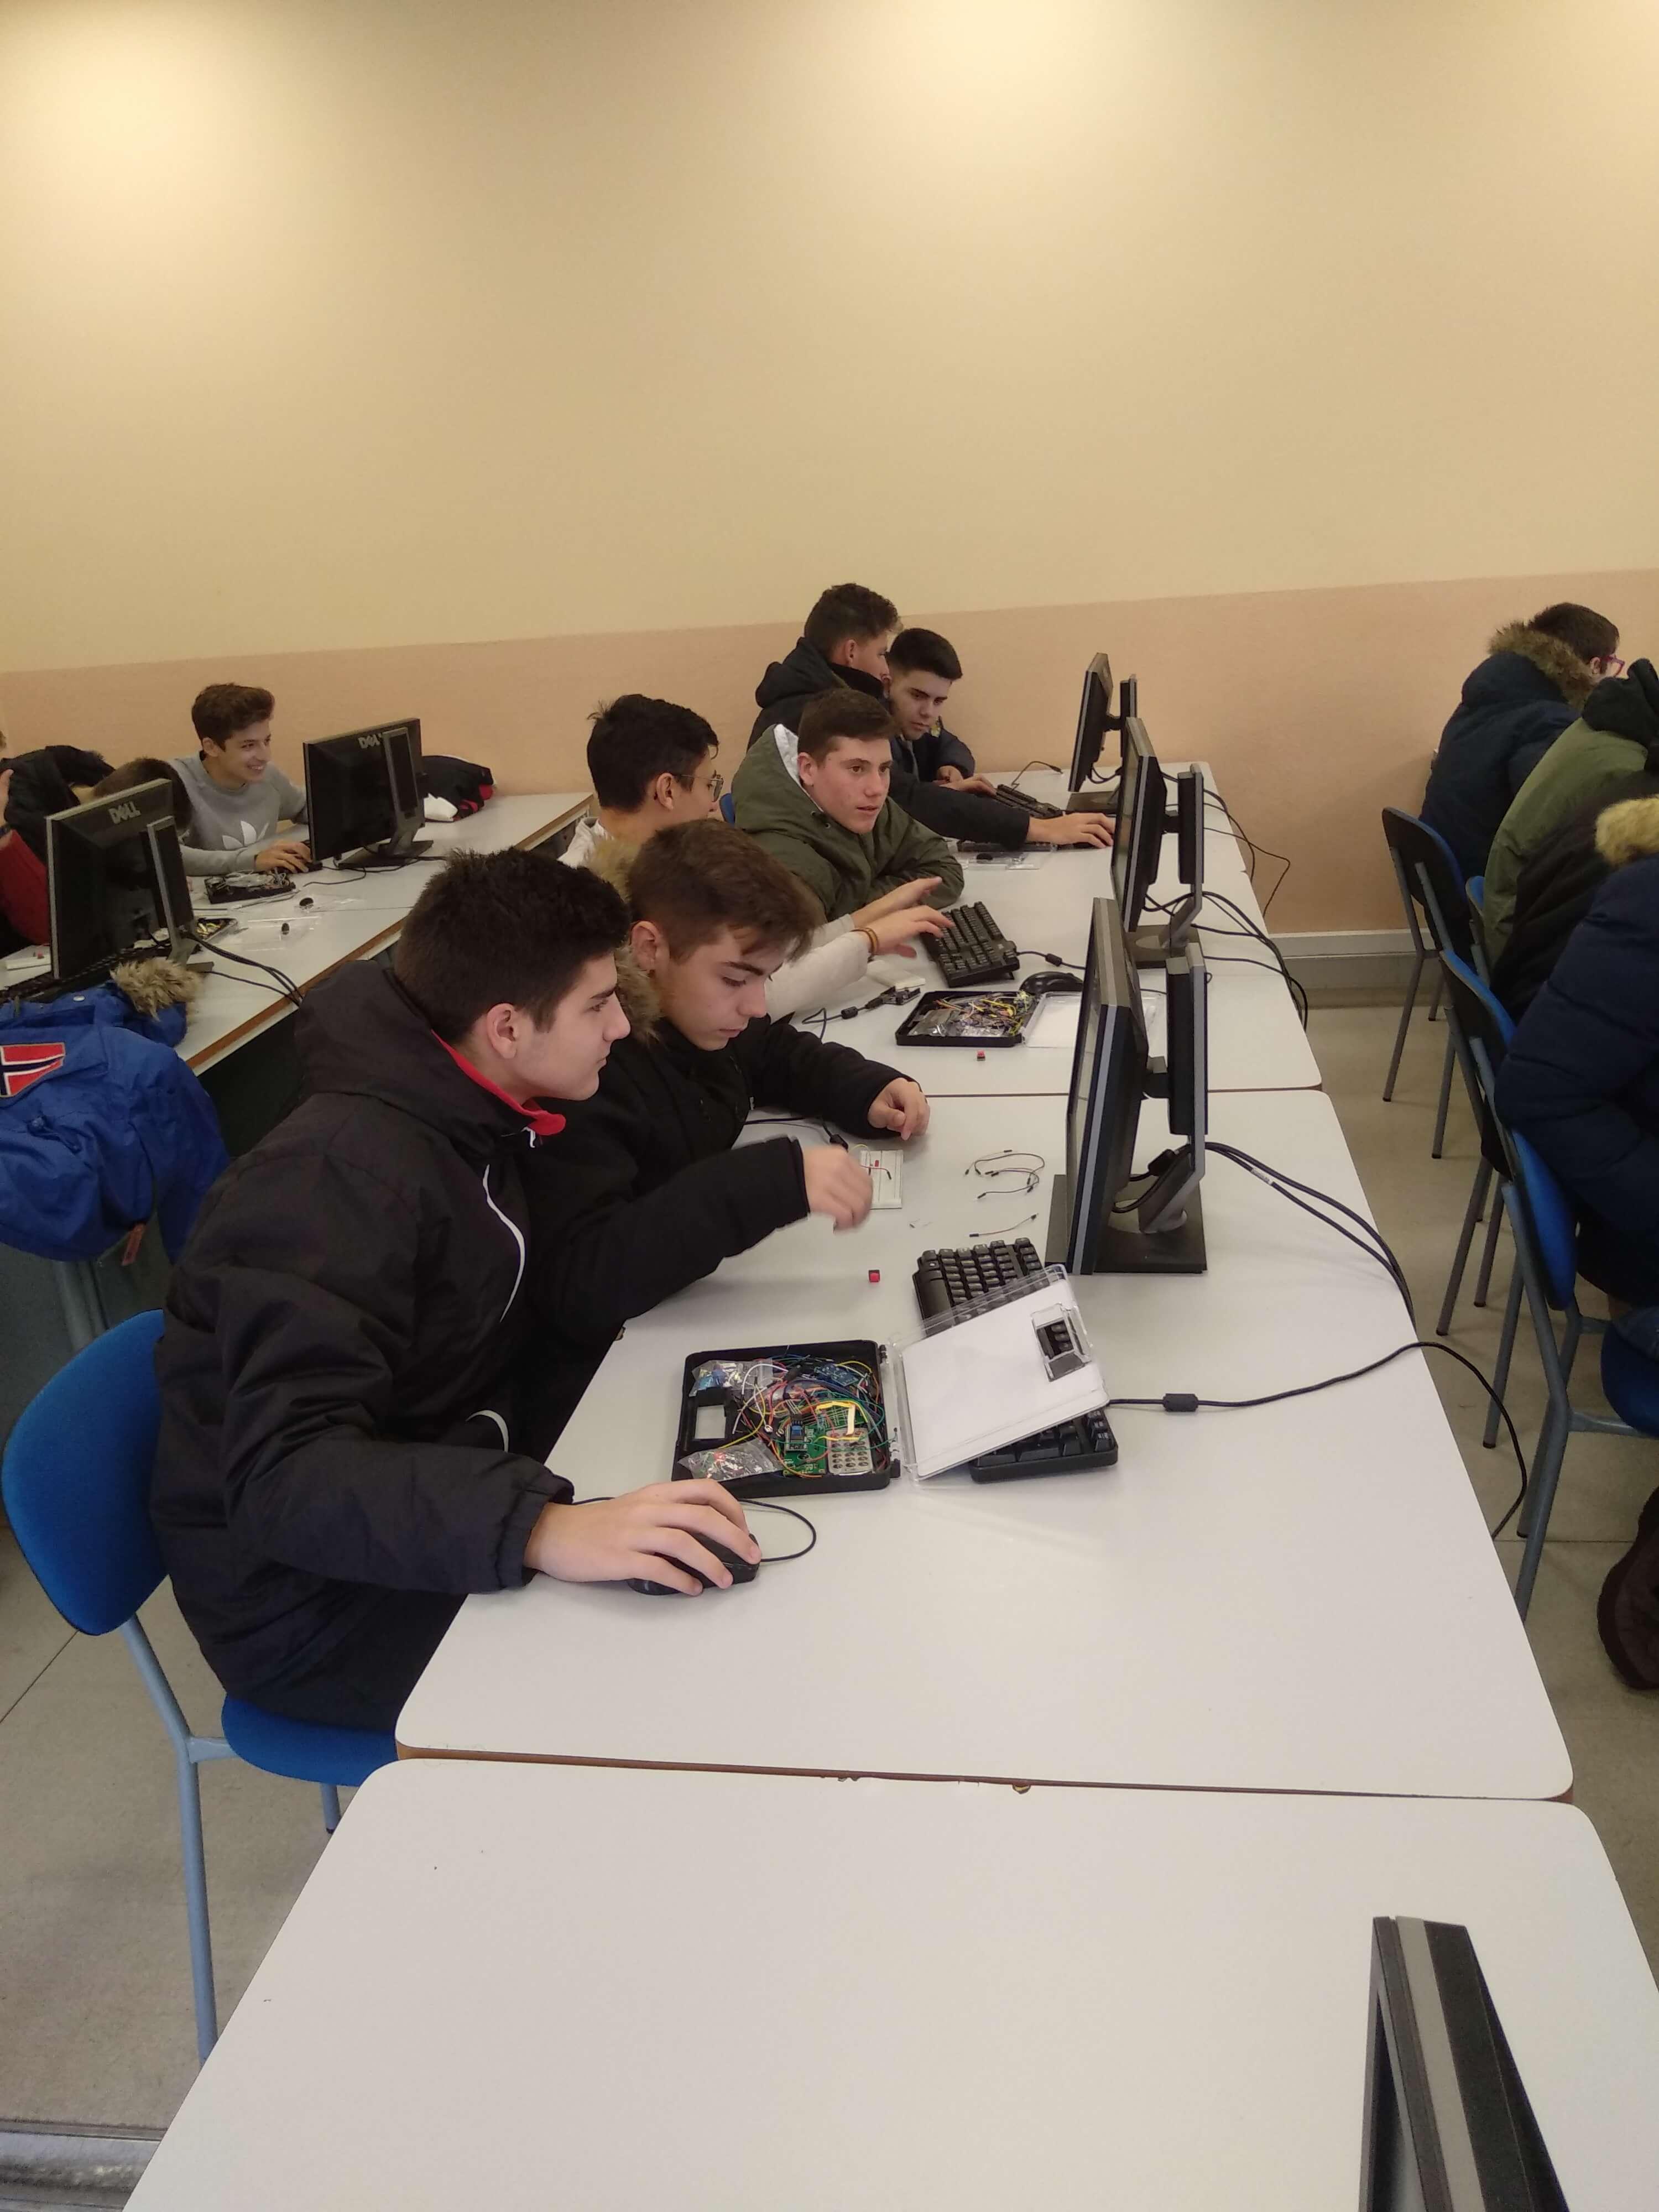 Los alumnos de 4º de ESO de EFA Moratalaz realizan proyectos cooperativos con Arduino